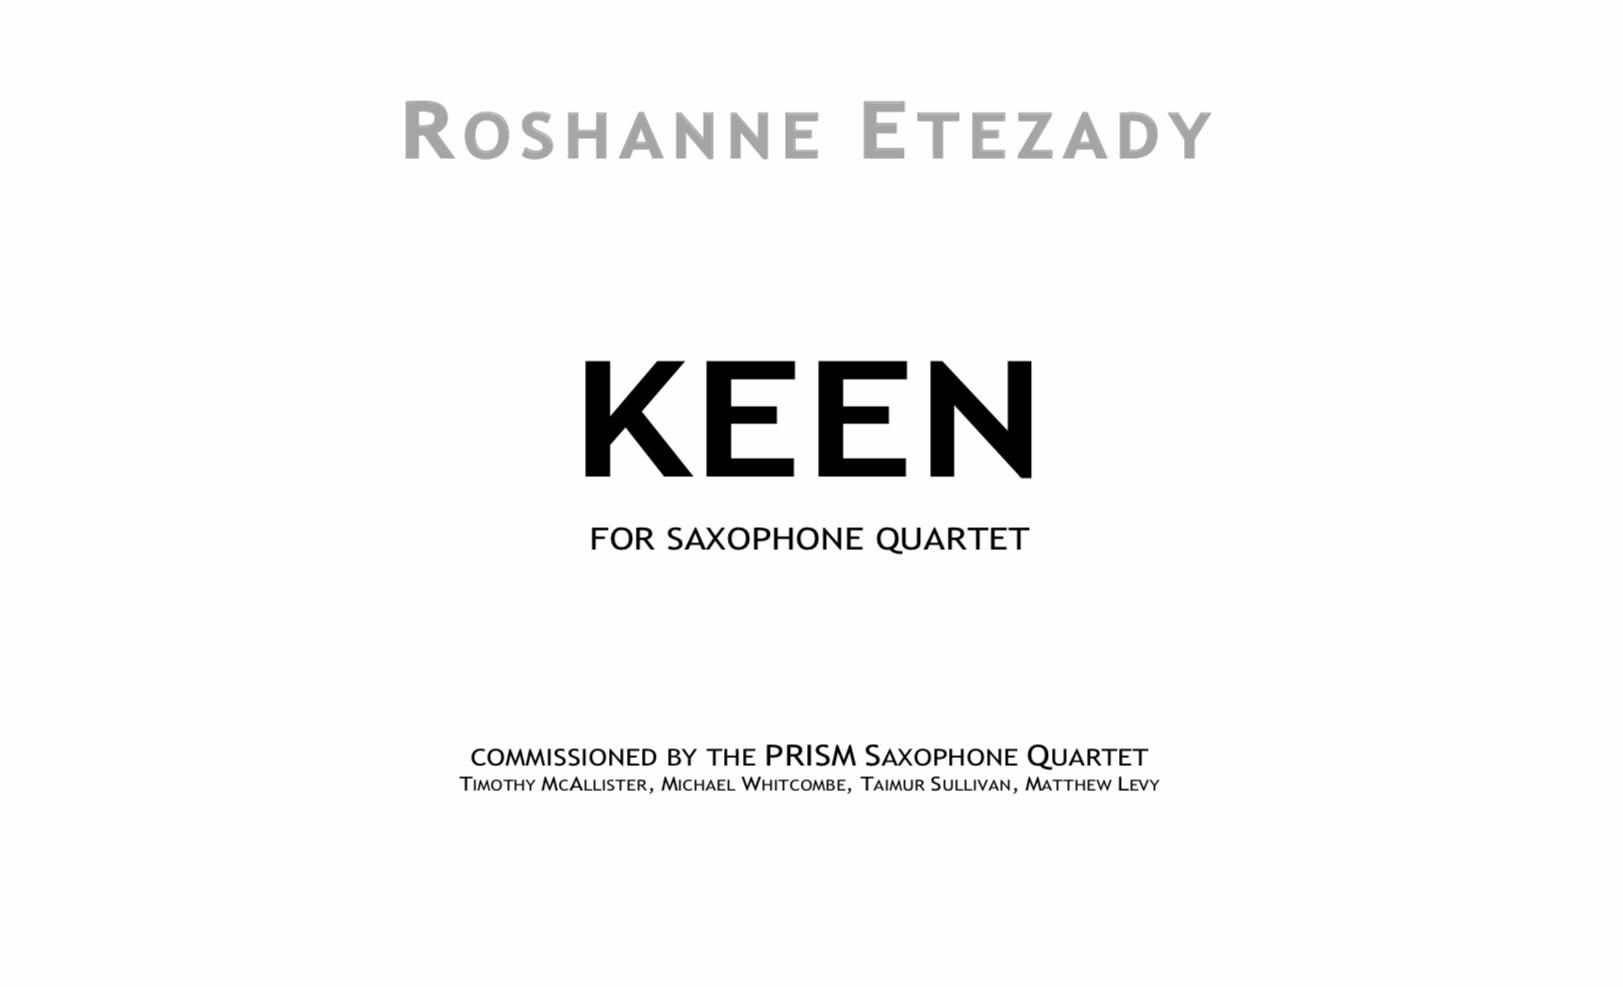 Keen by Roshanne Etezady